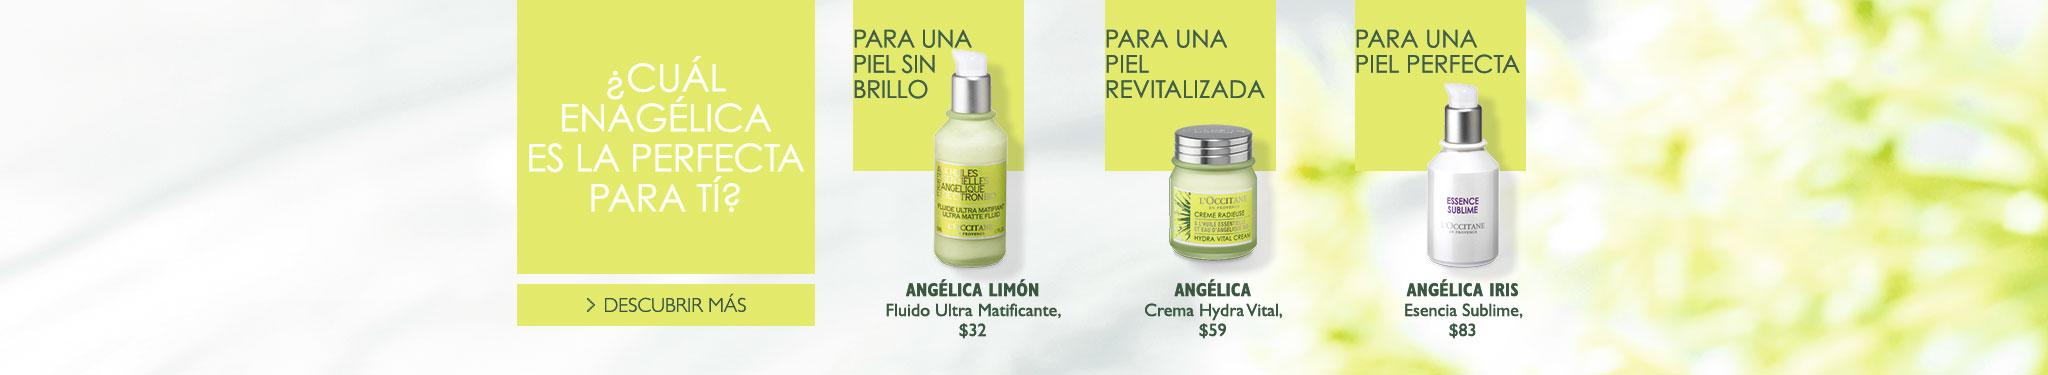 Descubre cuál es la angélica ideal para tu tipo de piel